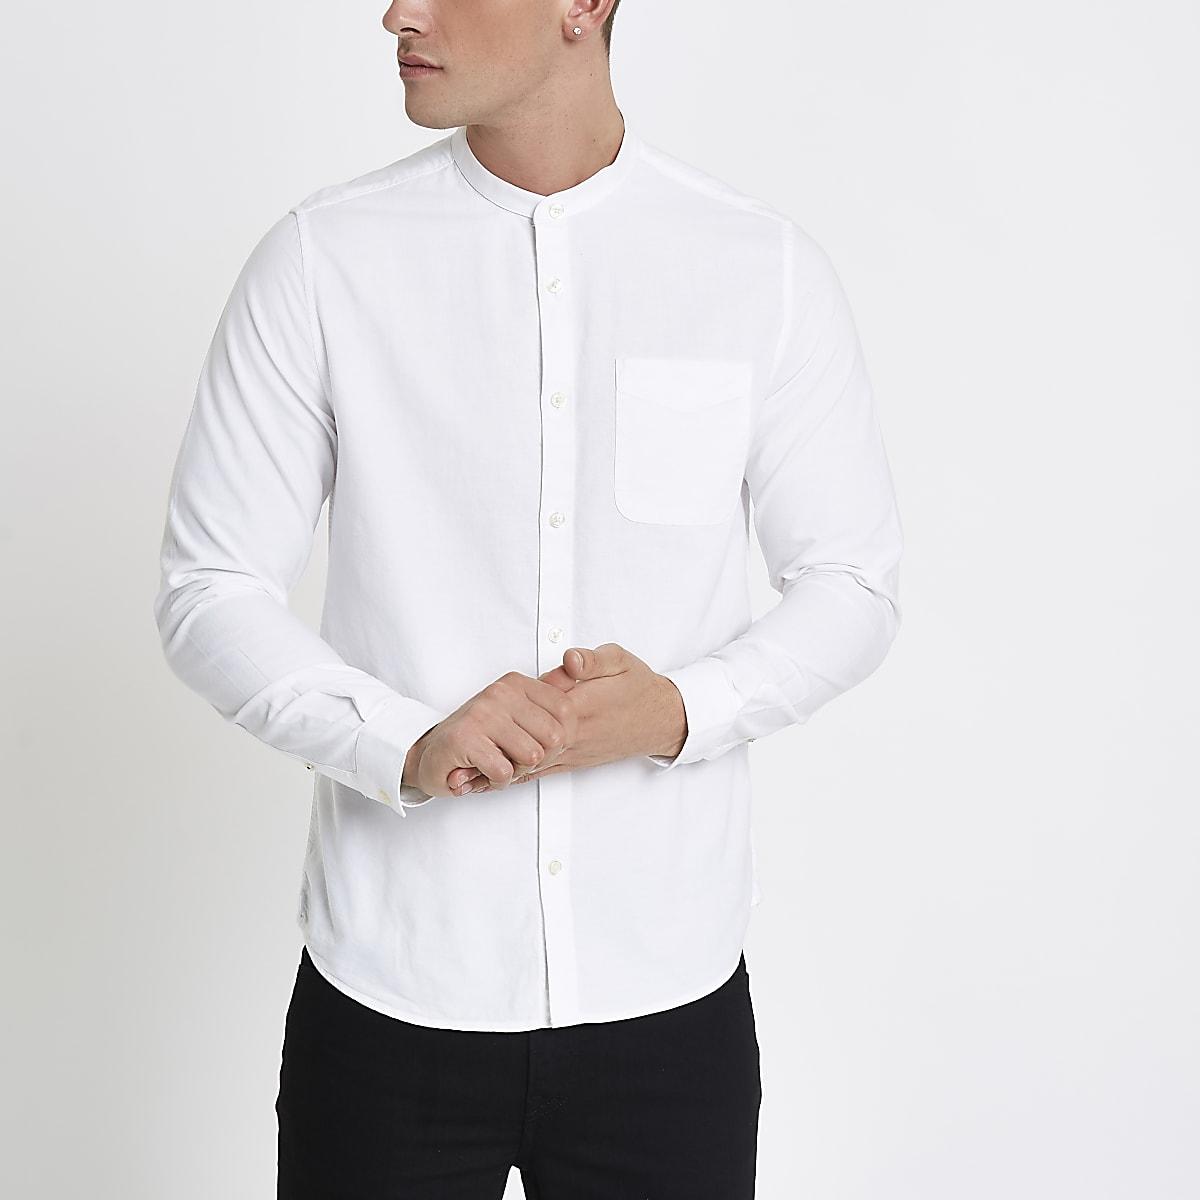 Overhemd Zonder Kraag.Wit Oxford Overhemd Zonder Kraag Met Lange Mouwen Overhemden Met